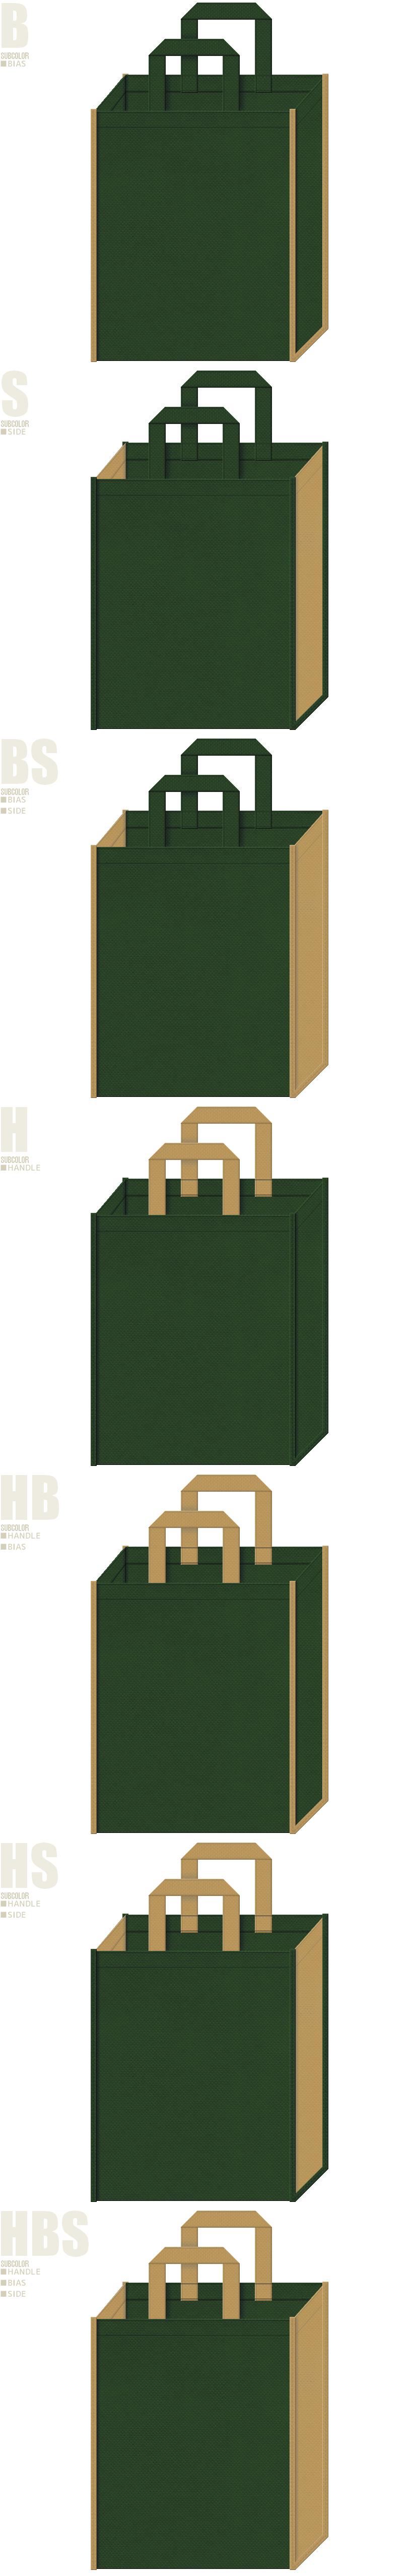 アンティーク・ヴィンテージ・動物園・テーマパーク・探検・ジャングル・恐竜・サバンナ・サファリ・アニマル・迷彩色・DIY・テント・タープ・チェア・登山・アウトドア・キャンプ用品の展示会用バッグにお奨めの不織布バッグデザイン:濃緑色と金黄土色の配色7パターン